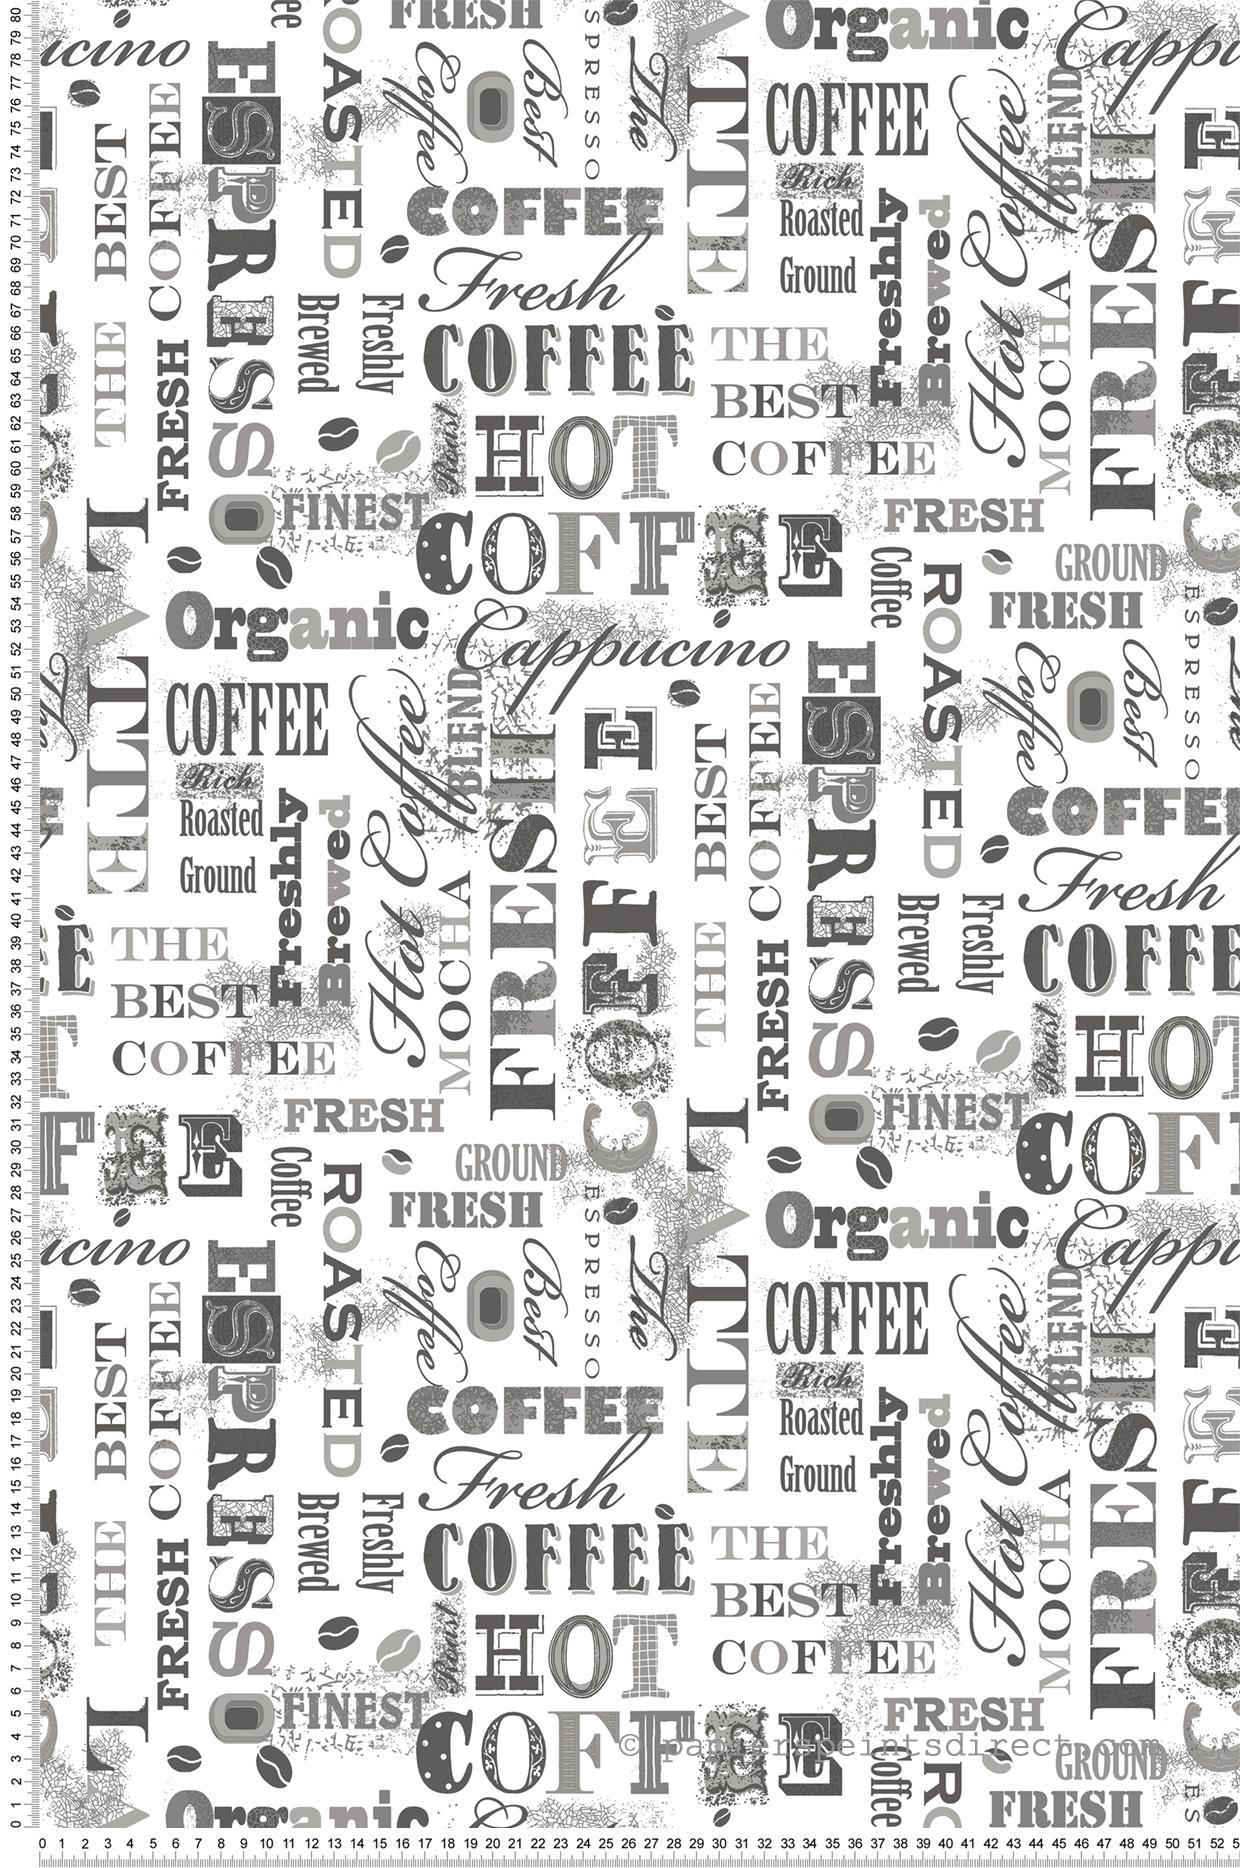 Papier Peint Pour Cuisine papier peint coffee words gris - nouvelle cuisine 5 de